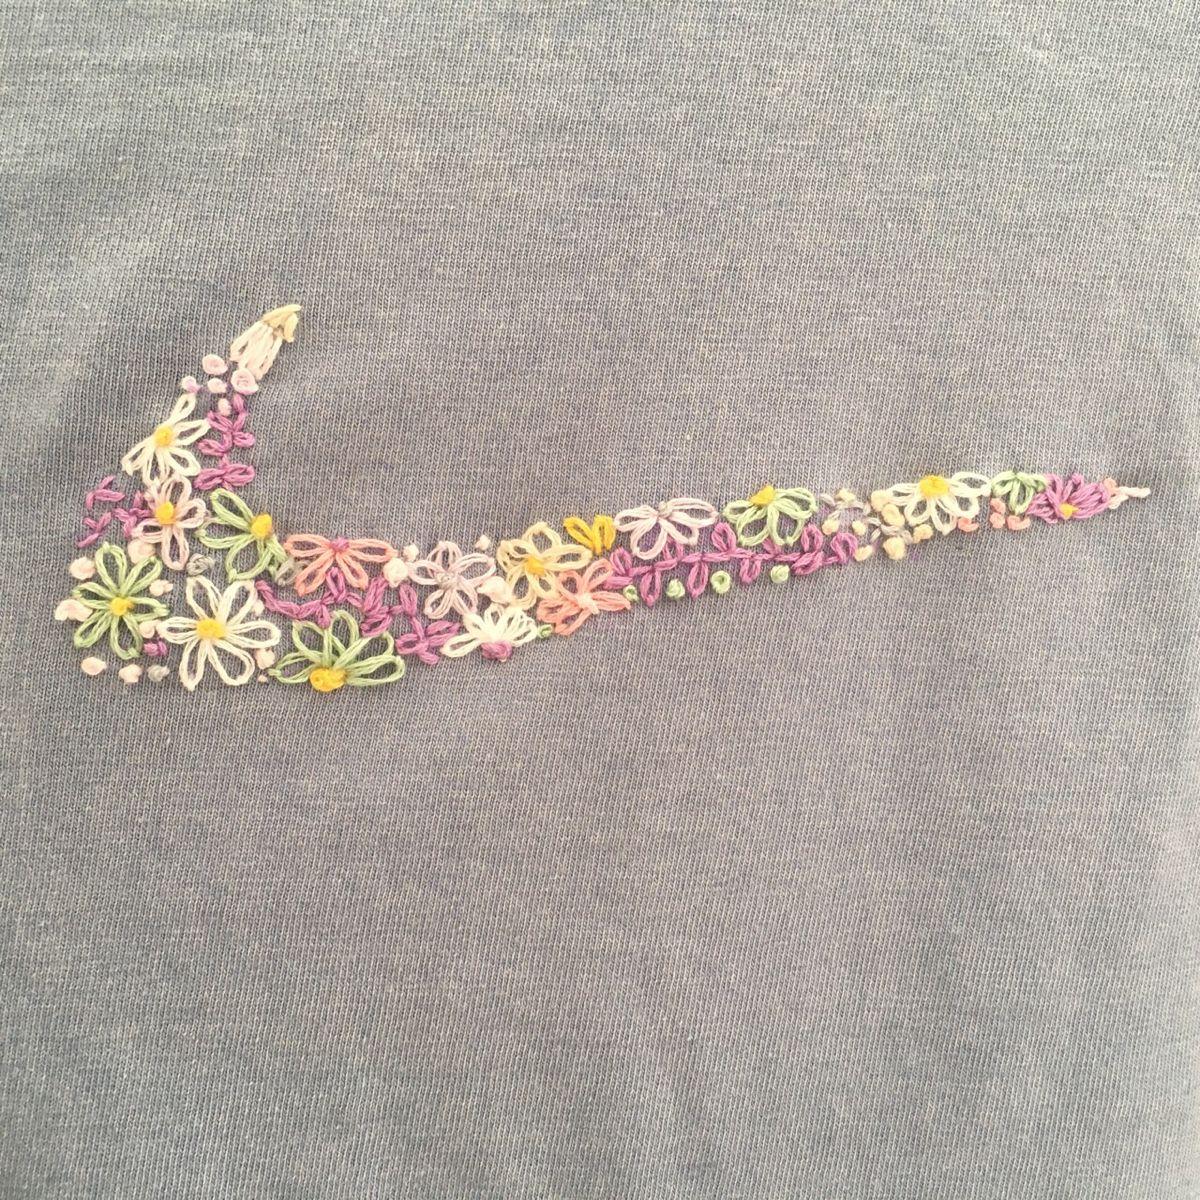 Embroidery Flowers Vintage Nike In 2020 Diy Embroidery Hand Embroidery Pattern Brazilian Embroidery